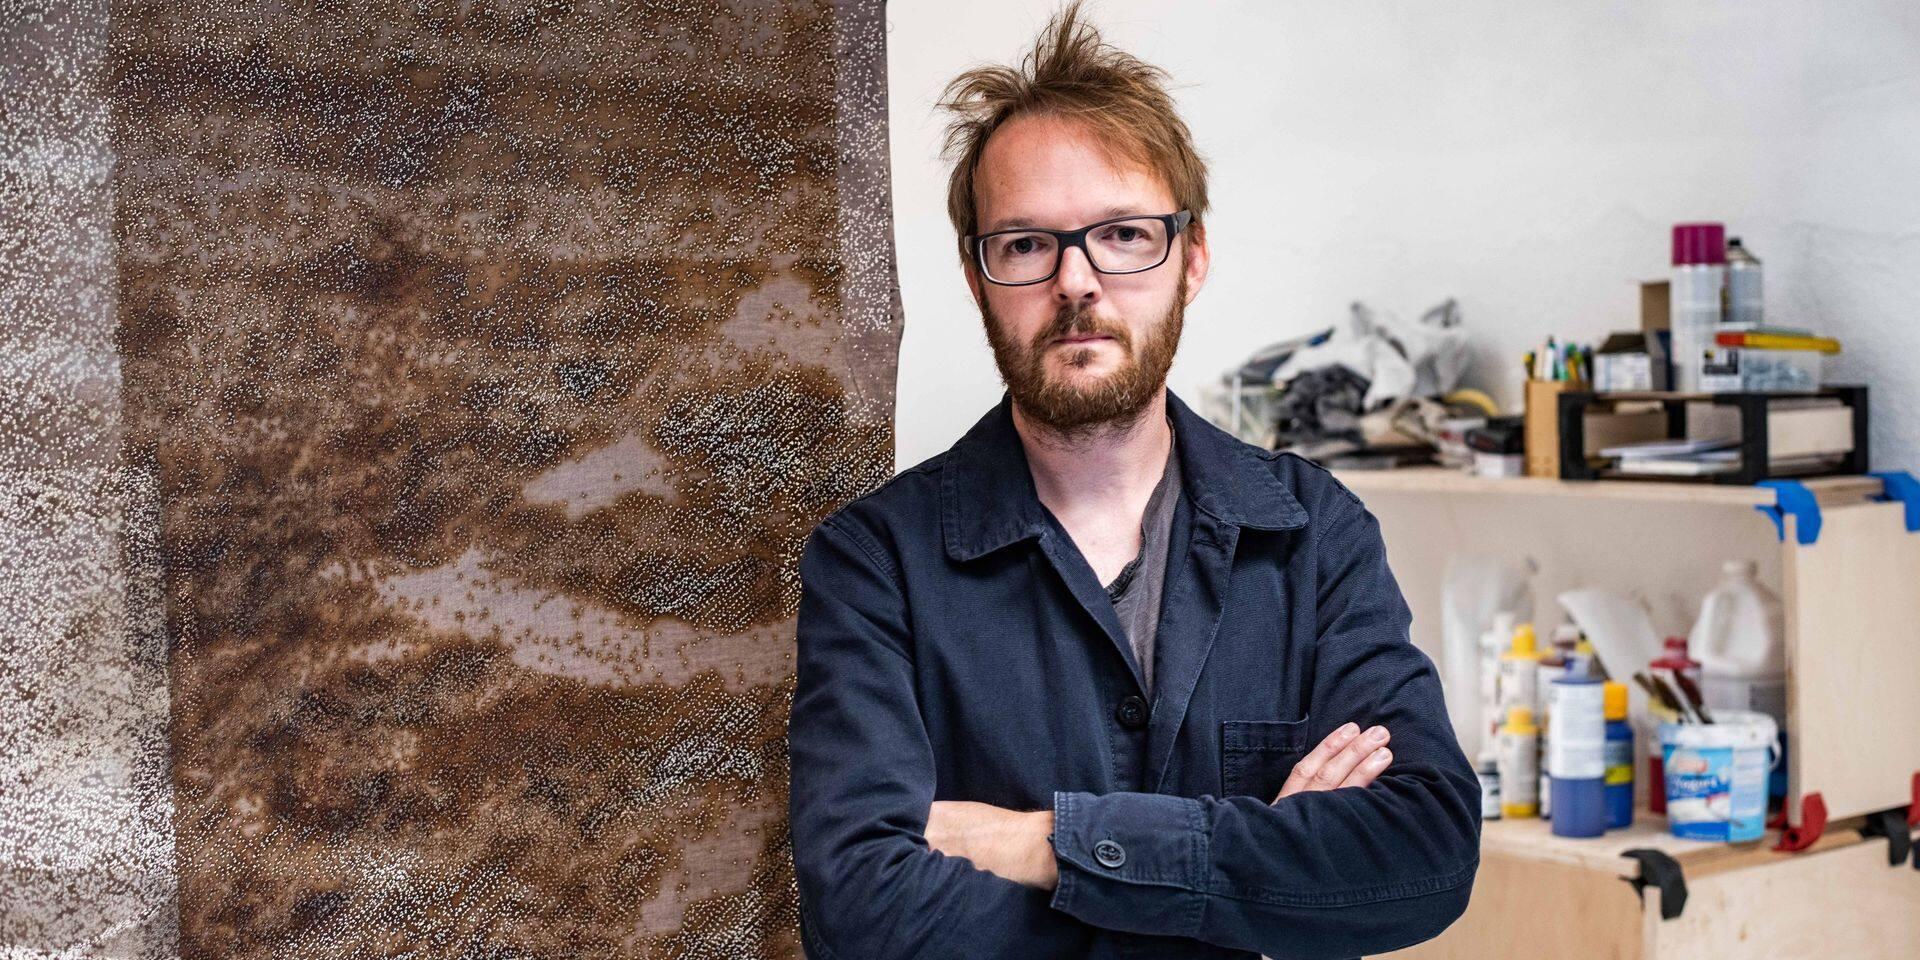 Liège : Un artiste canadien redessine le paysage industriel liégeois